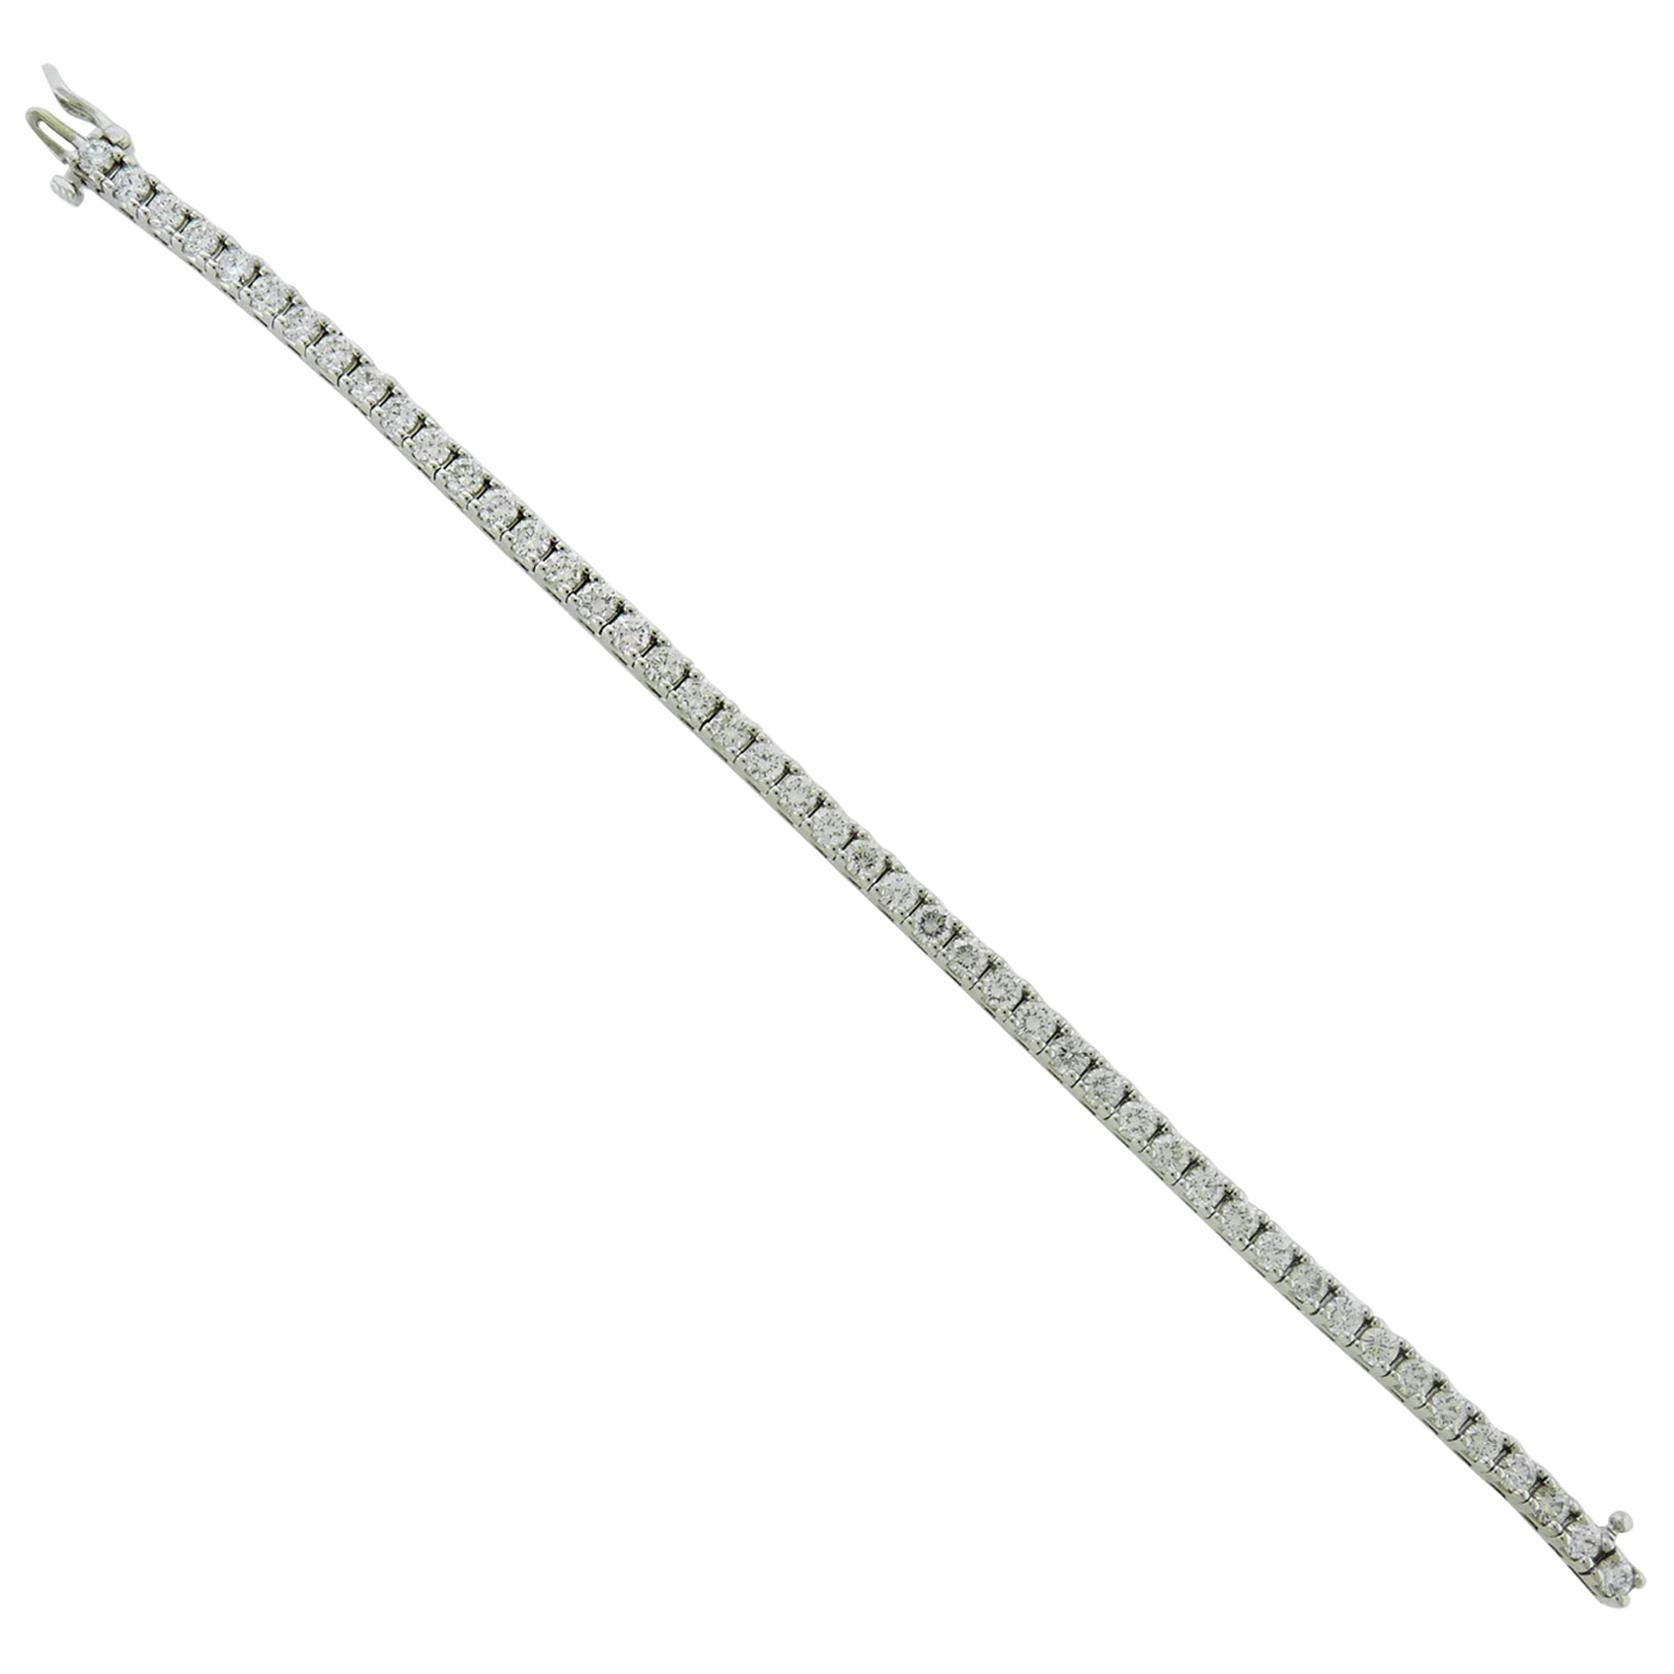 7 Carat Diamond 14 Karat White Gold Tennis Bracelet